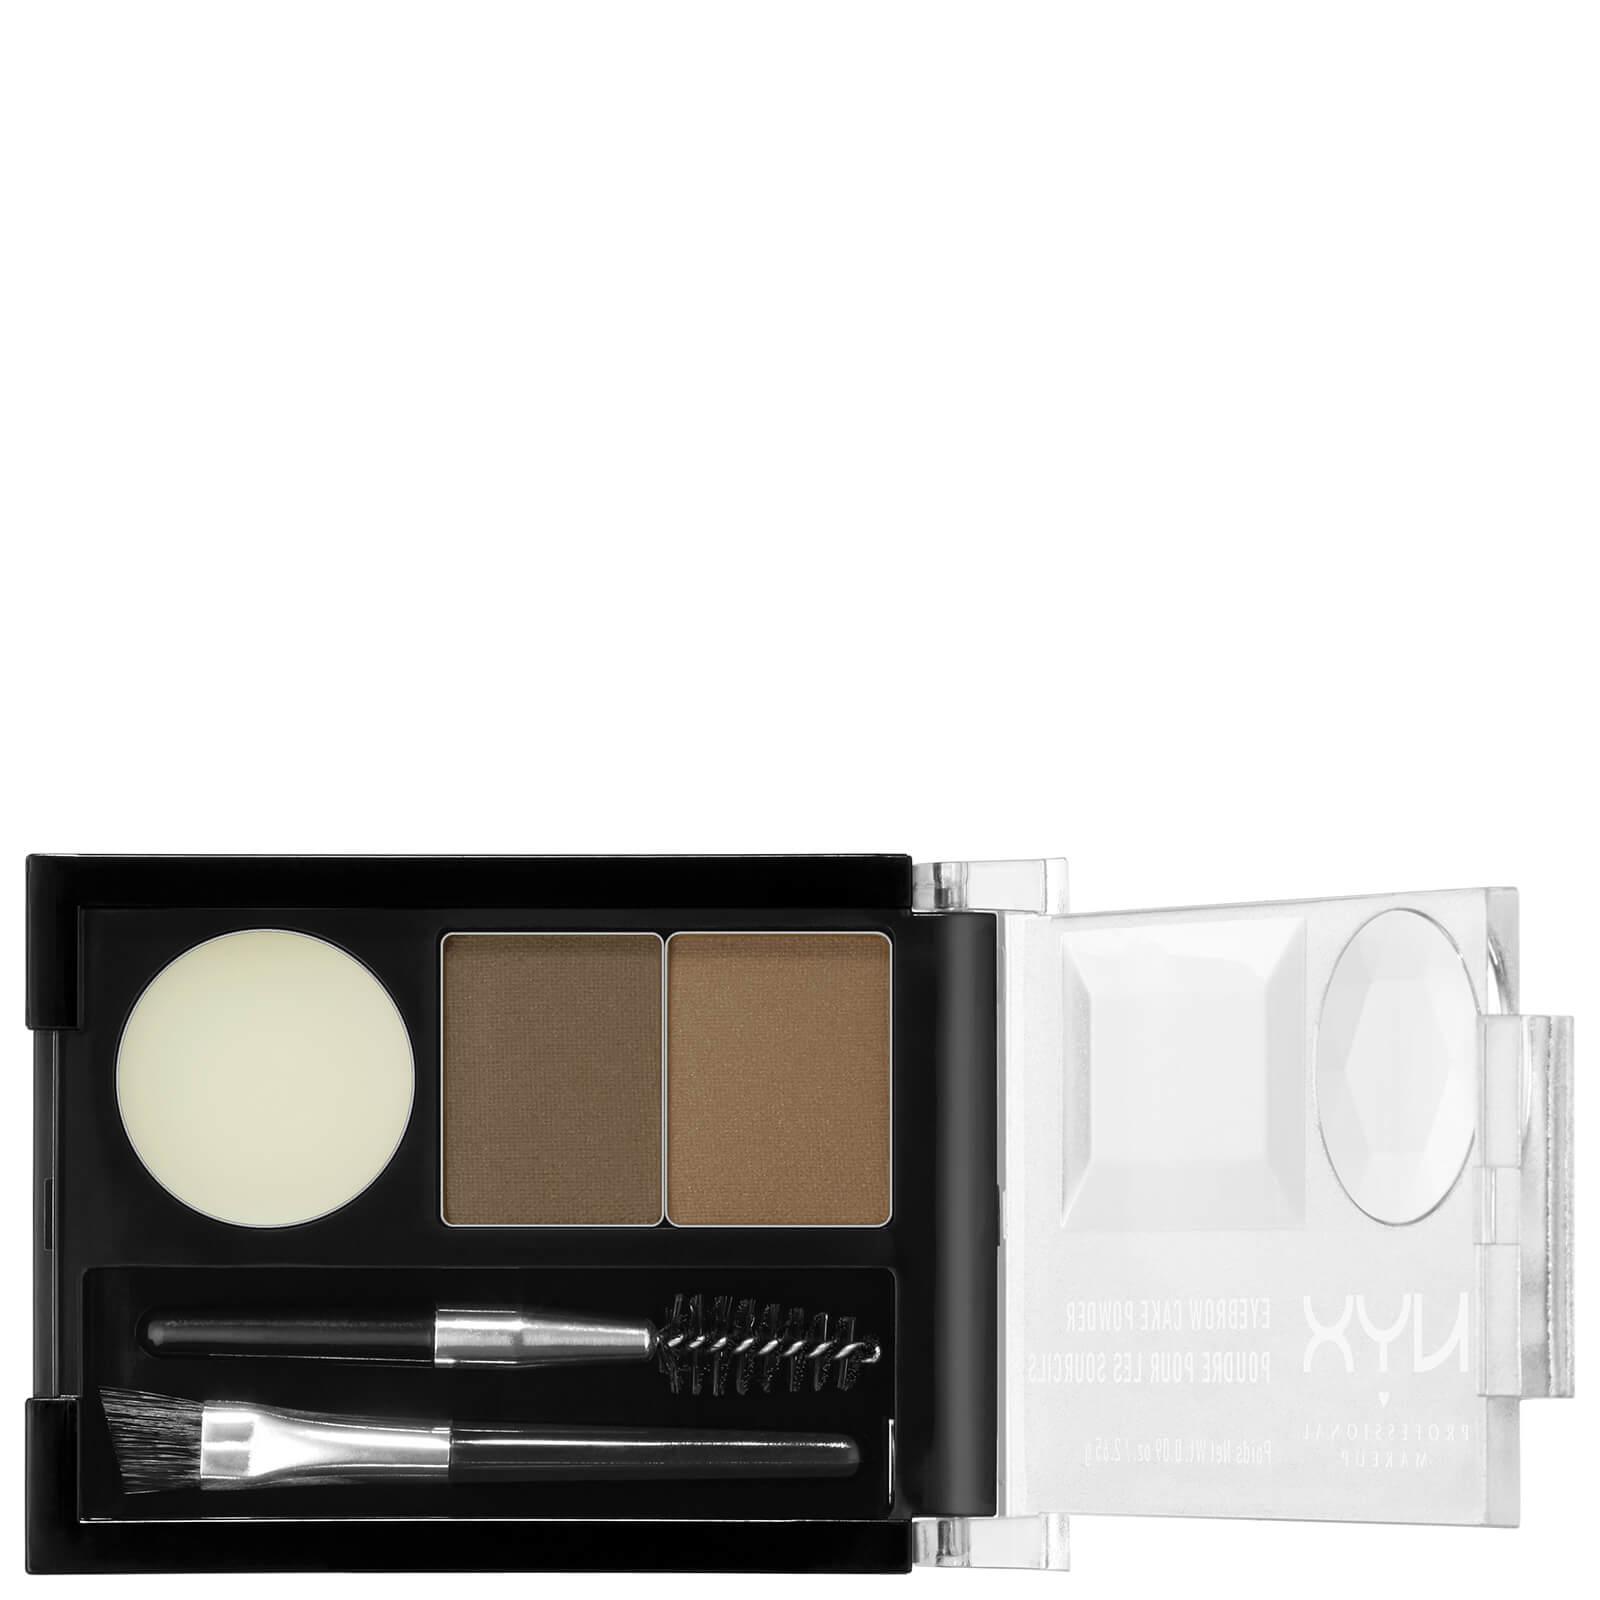 Купить Тени для бровей NYX Professional Makeup Eyebrow Cake Powder - Blonde